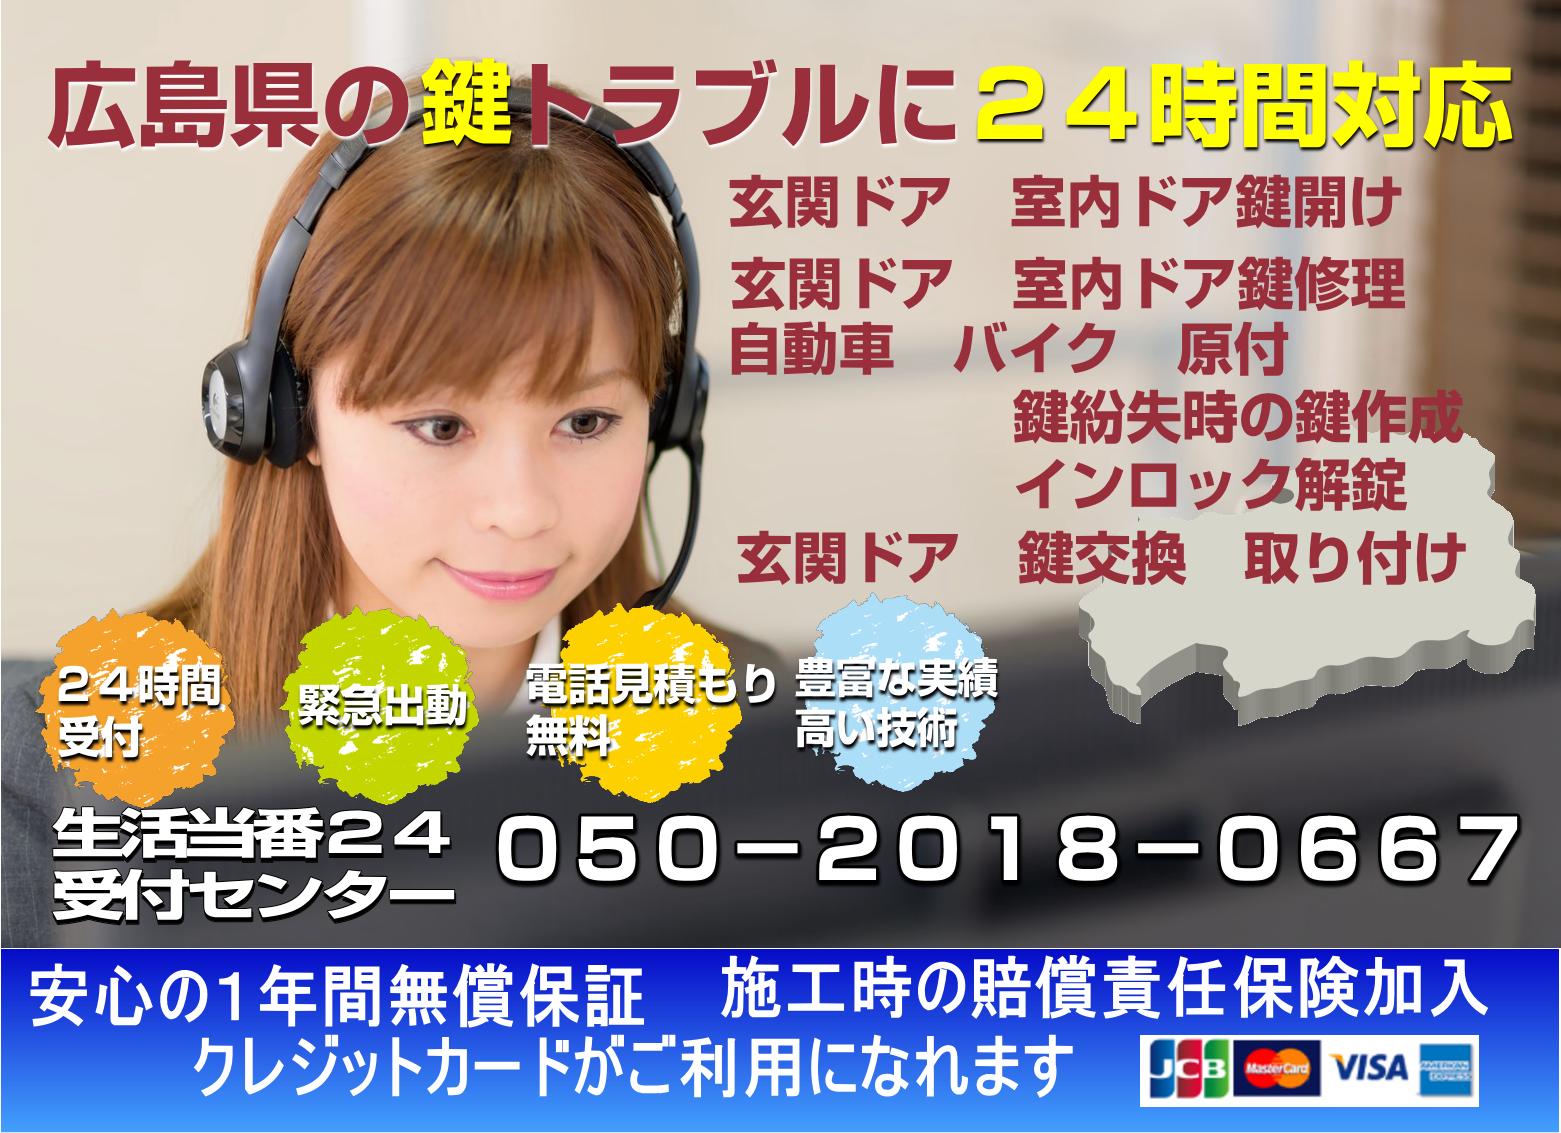 広島県内鍵トラブル24時間対応